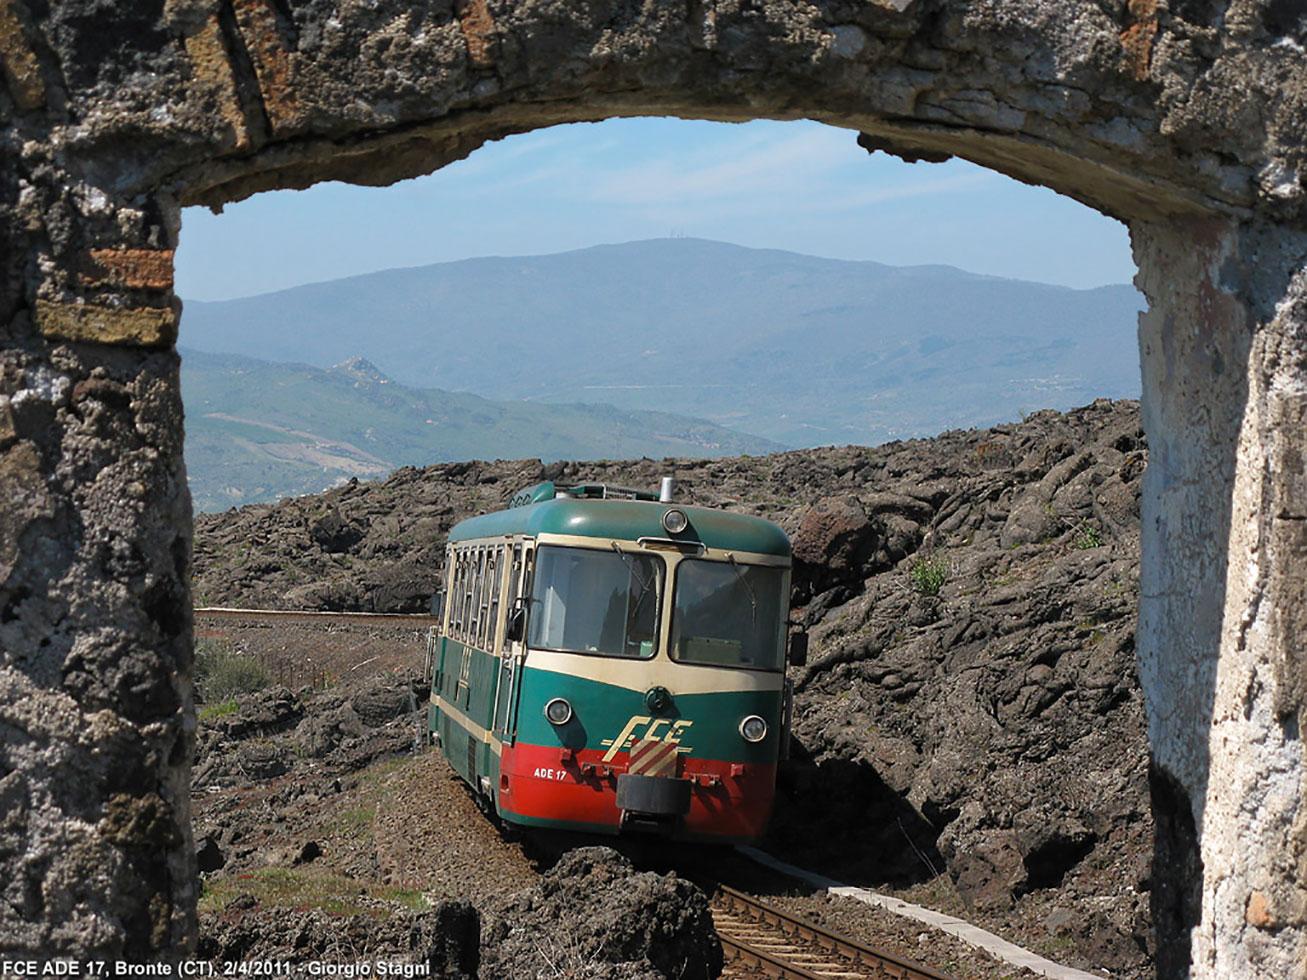 La ferrovia circumetnea unisce Catania ai paesi della montagna